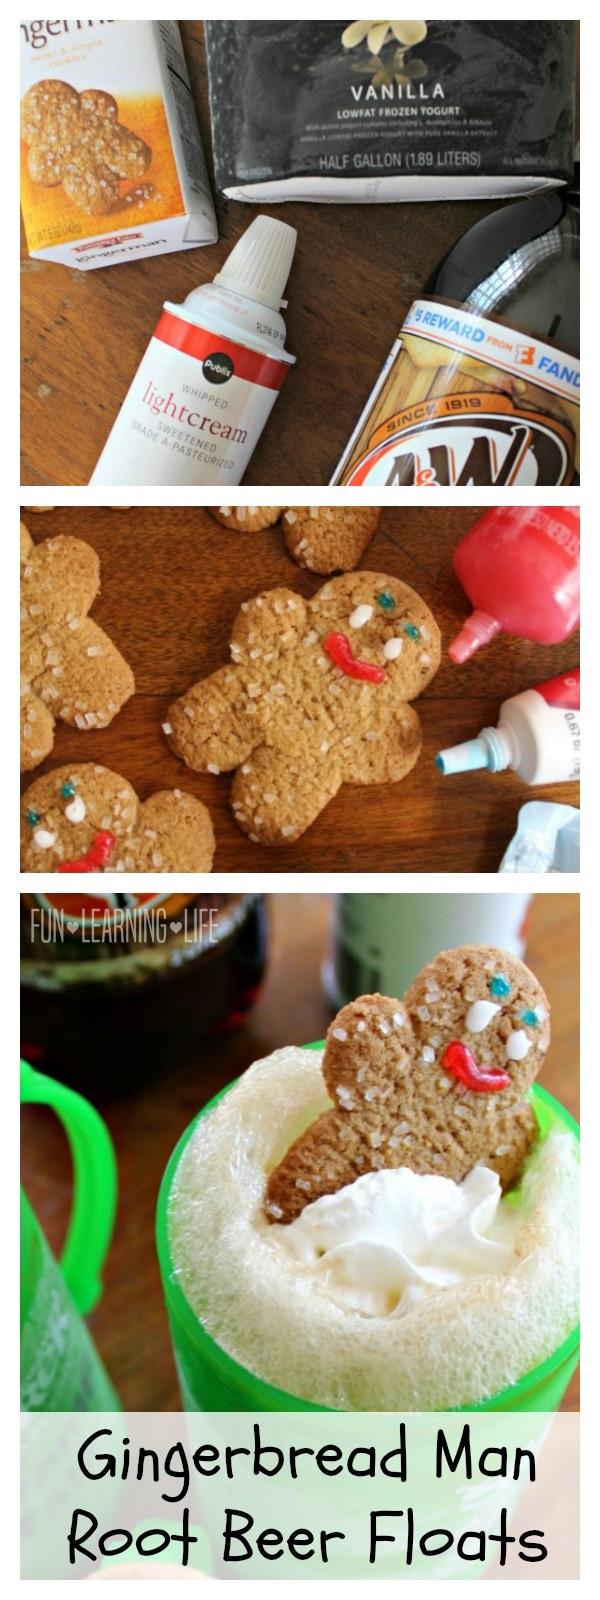 Gingerbread Man Root Beer Floats